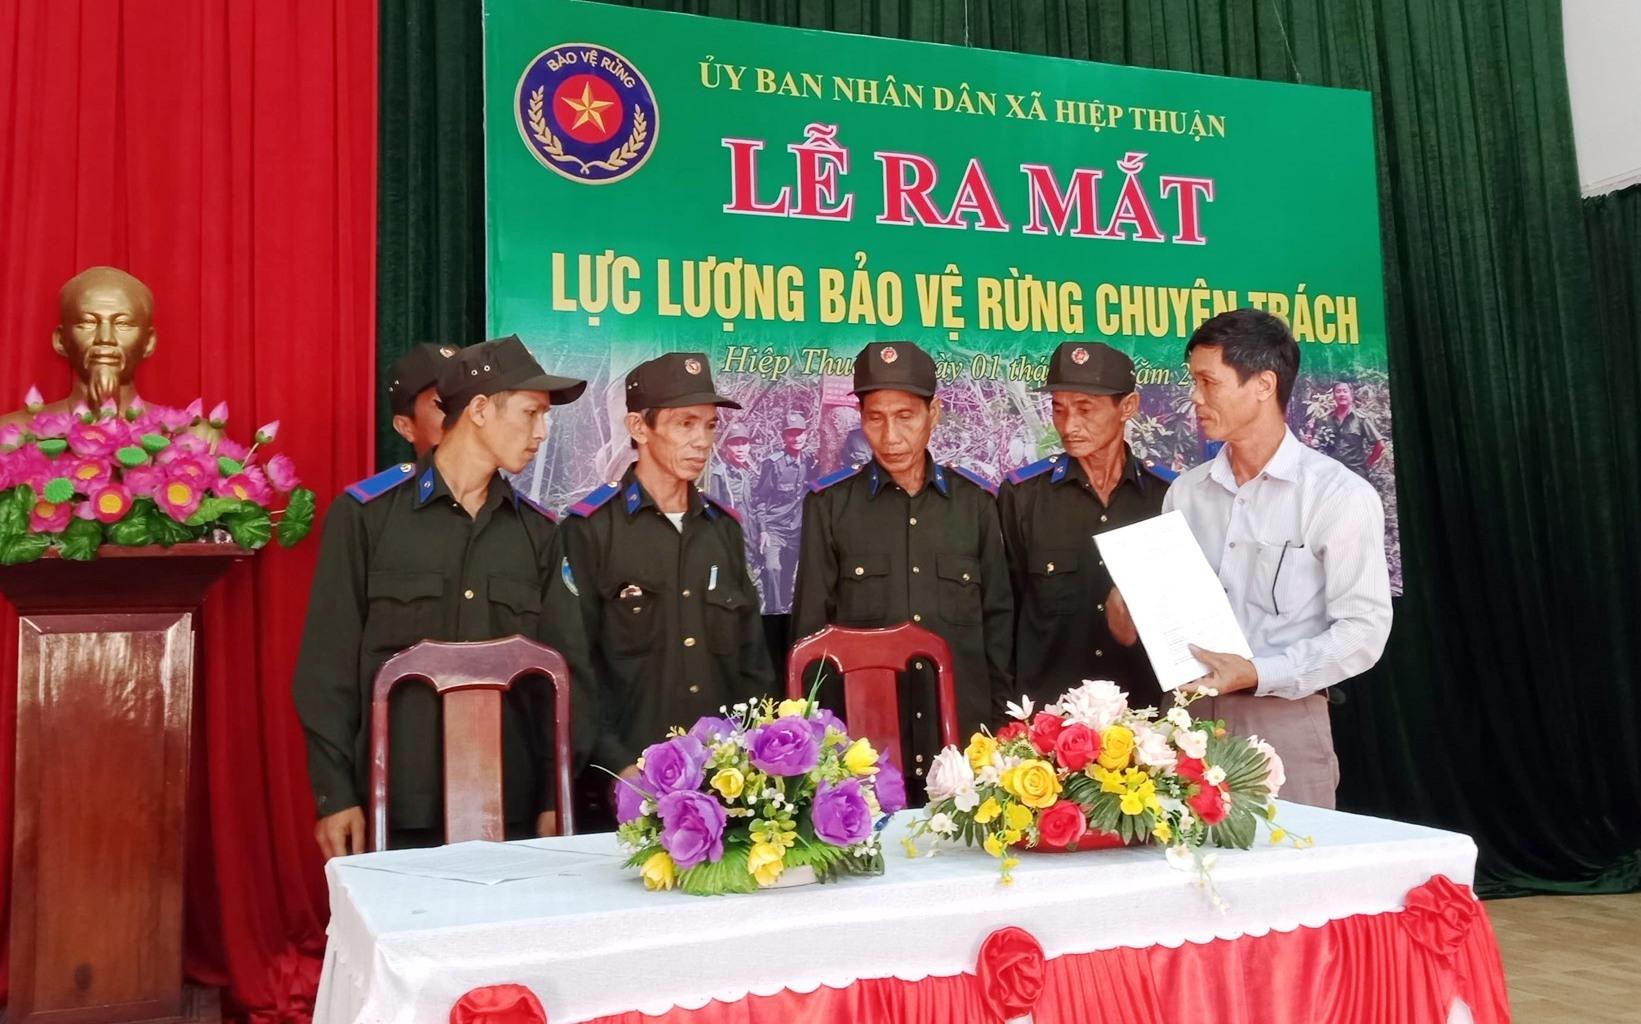 UBND xã Hiệp Thuận (Hiệp Đức) ra mắt lực lượng bảo vệ rừng chuyên trách.